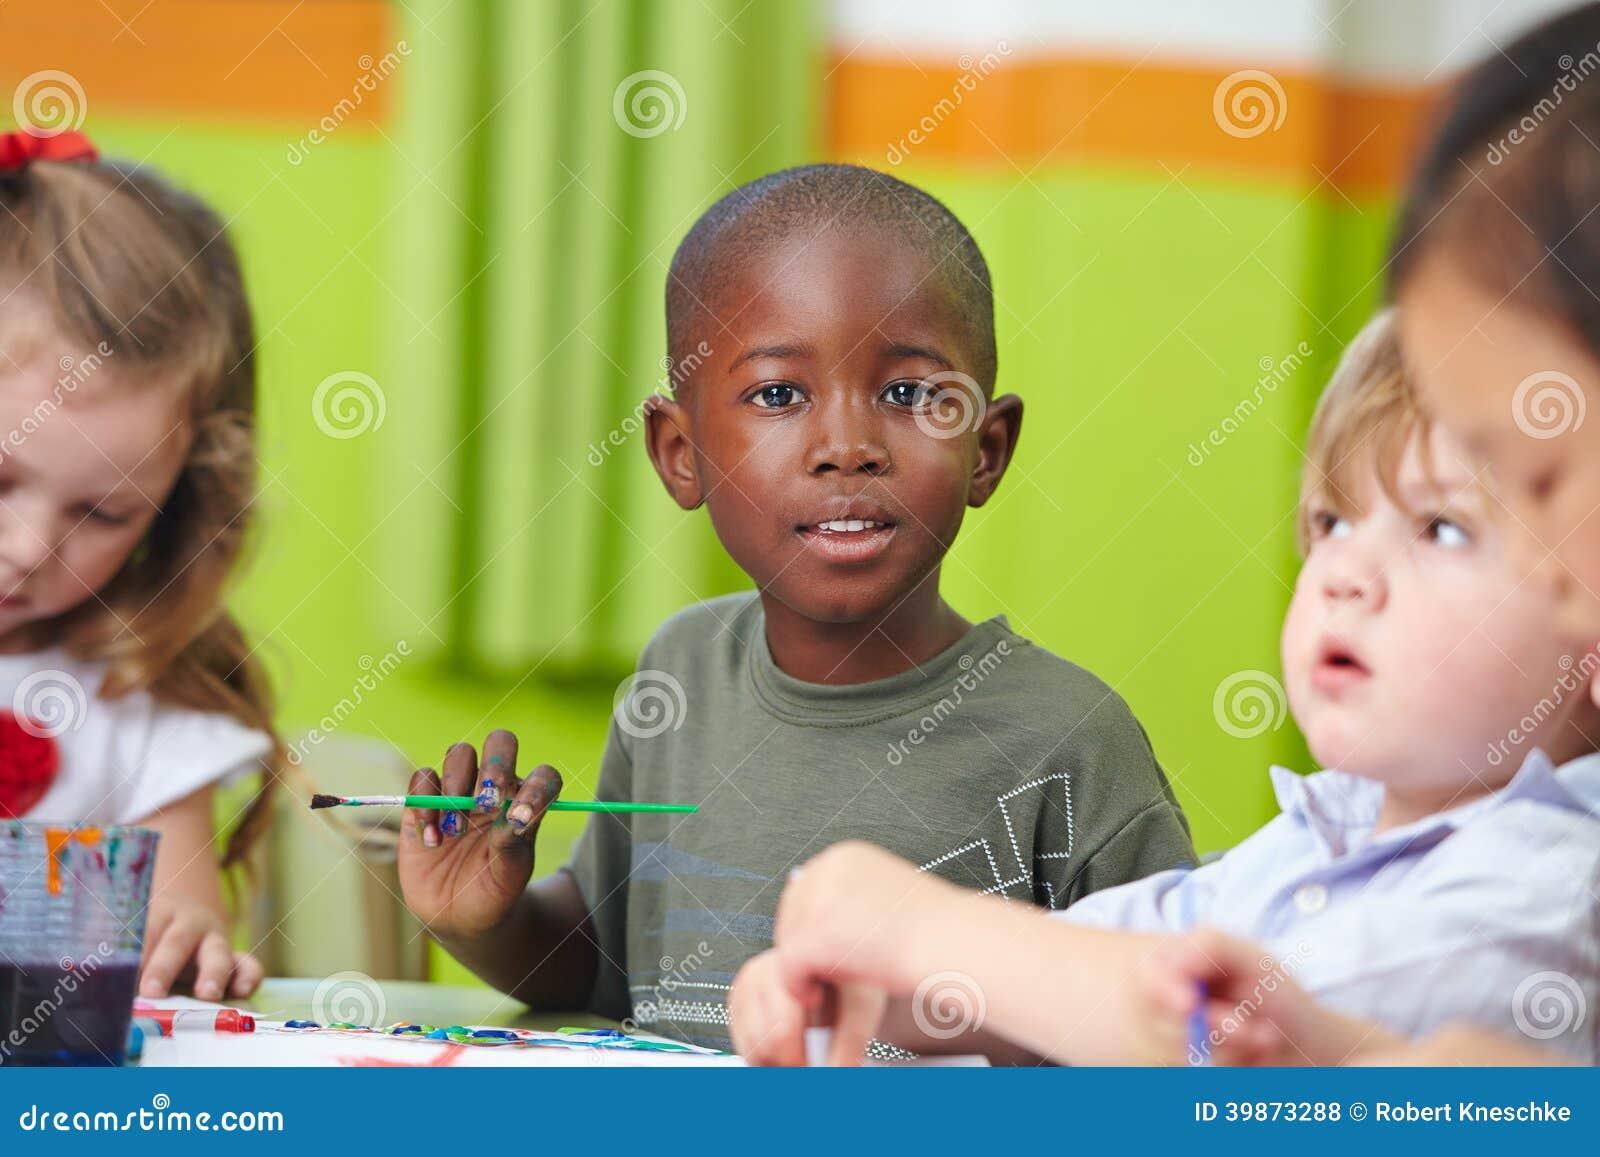 Children in preschool painting